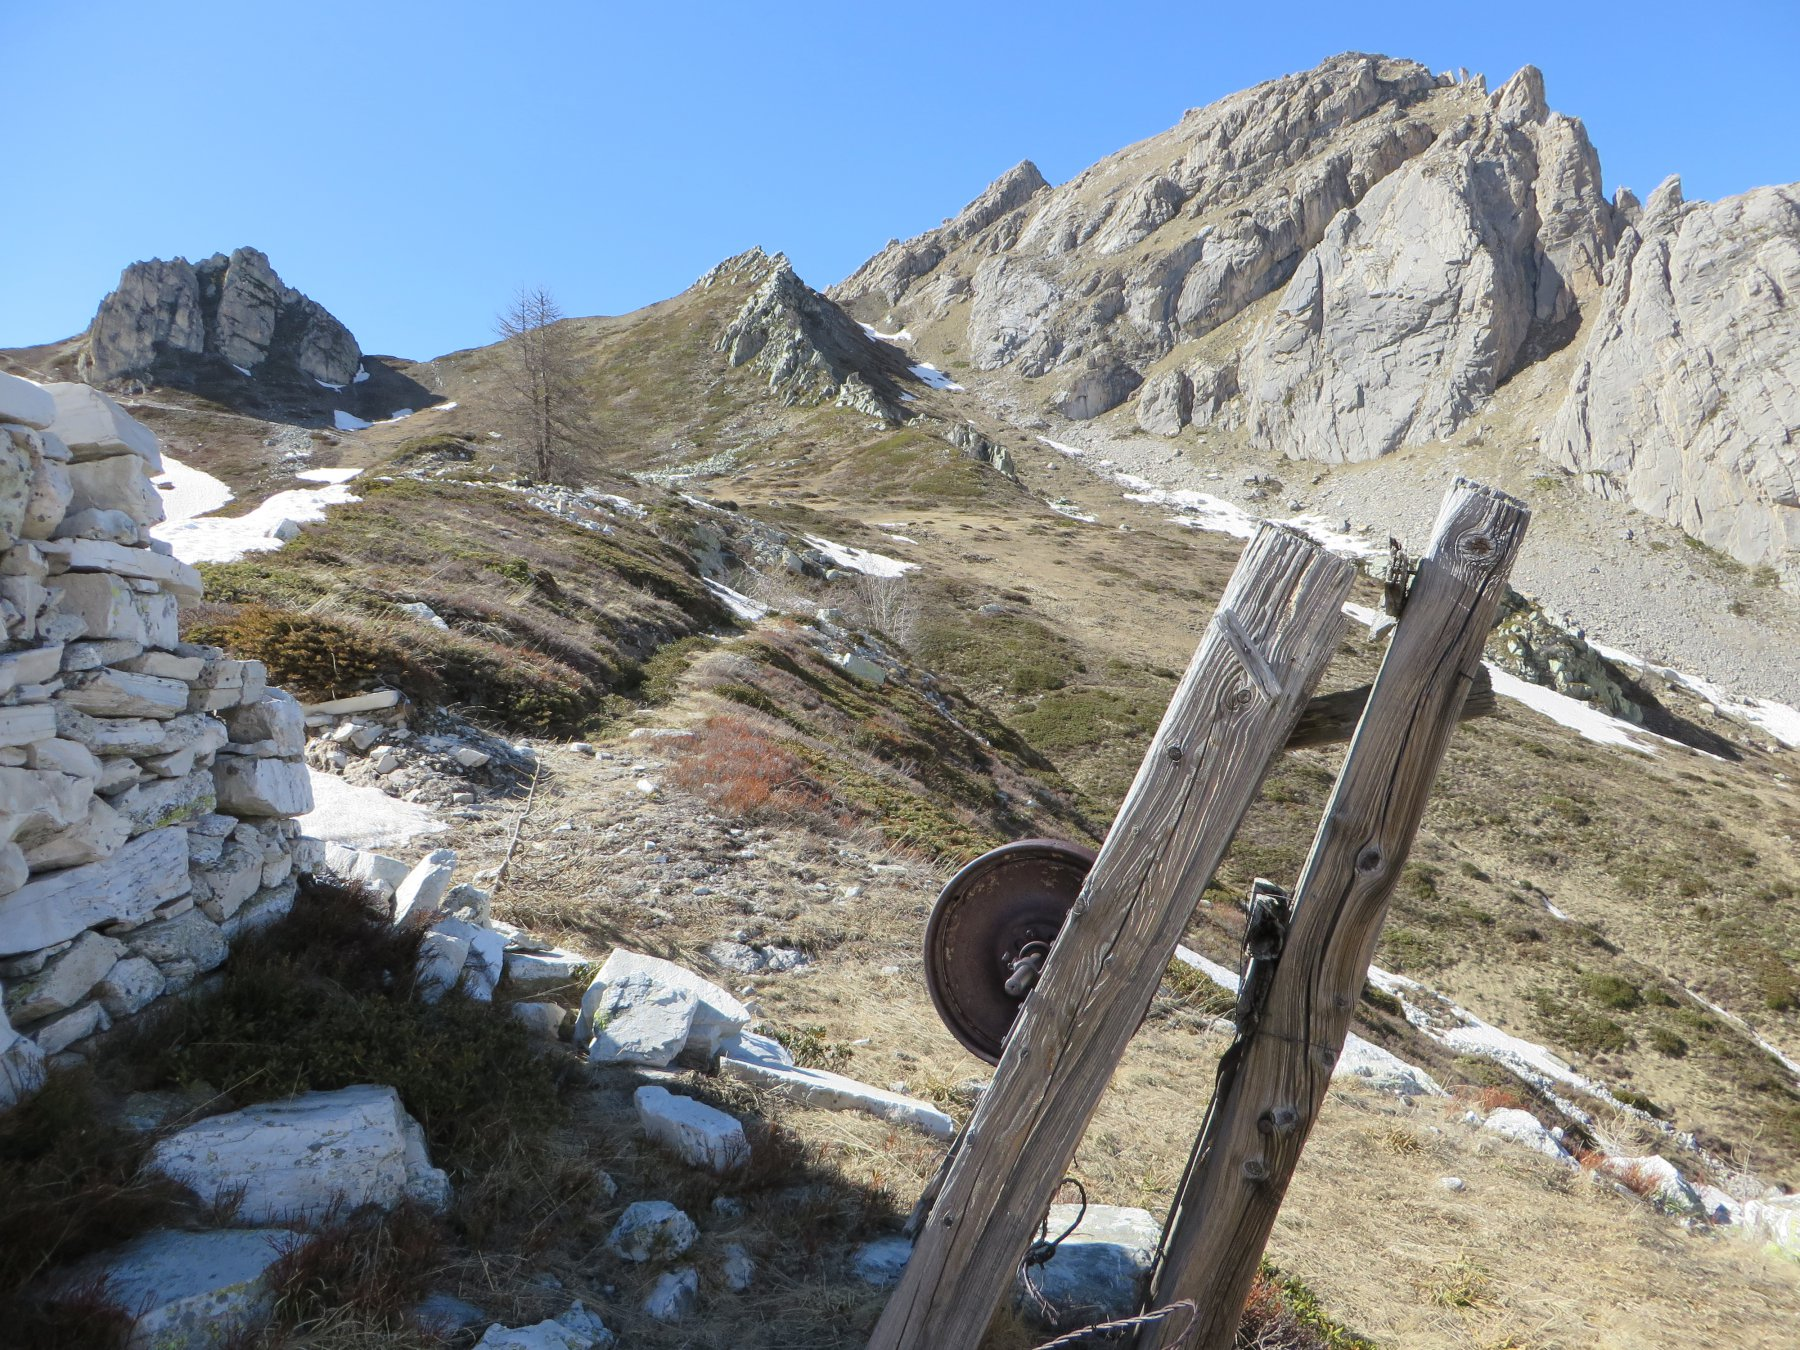 Scendendo uno sguardo alla Rocca Parvo e al Gendarme